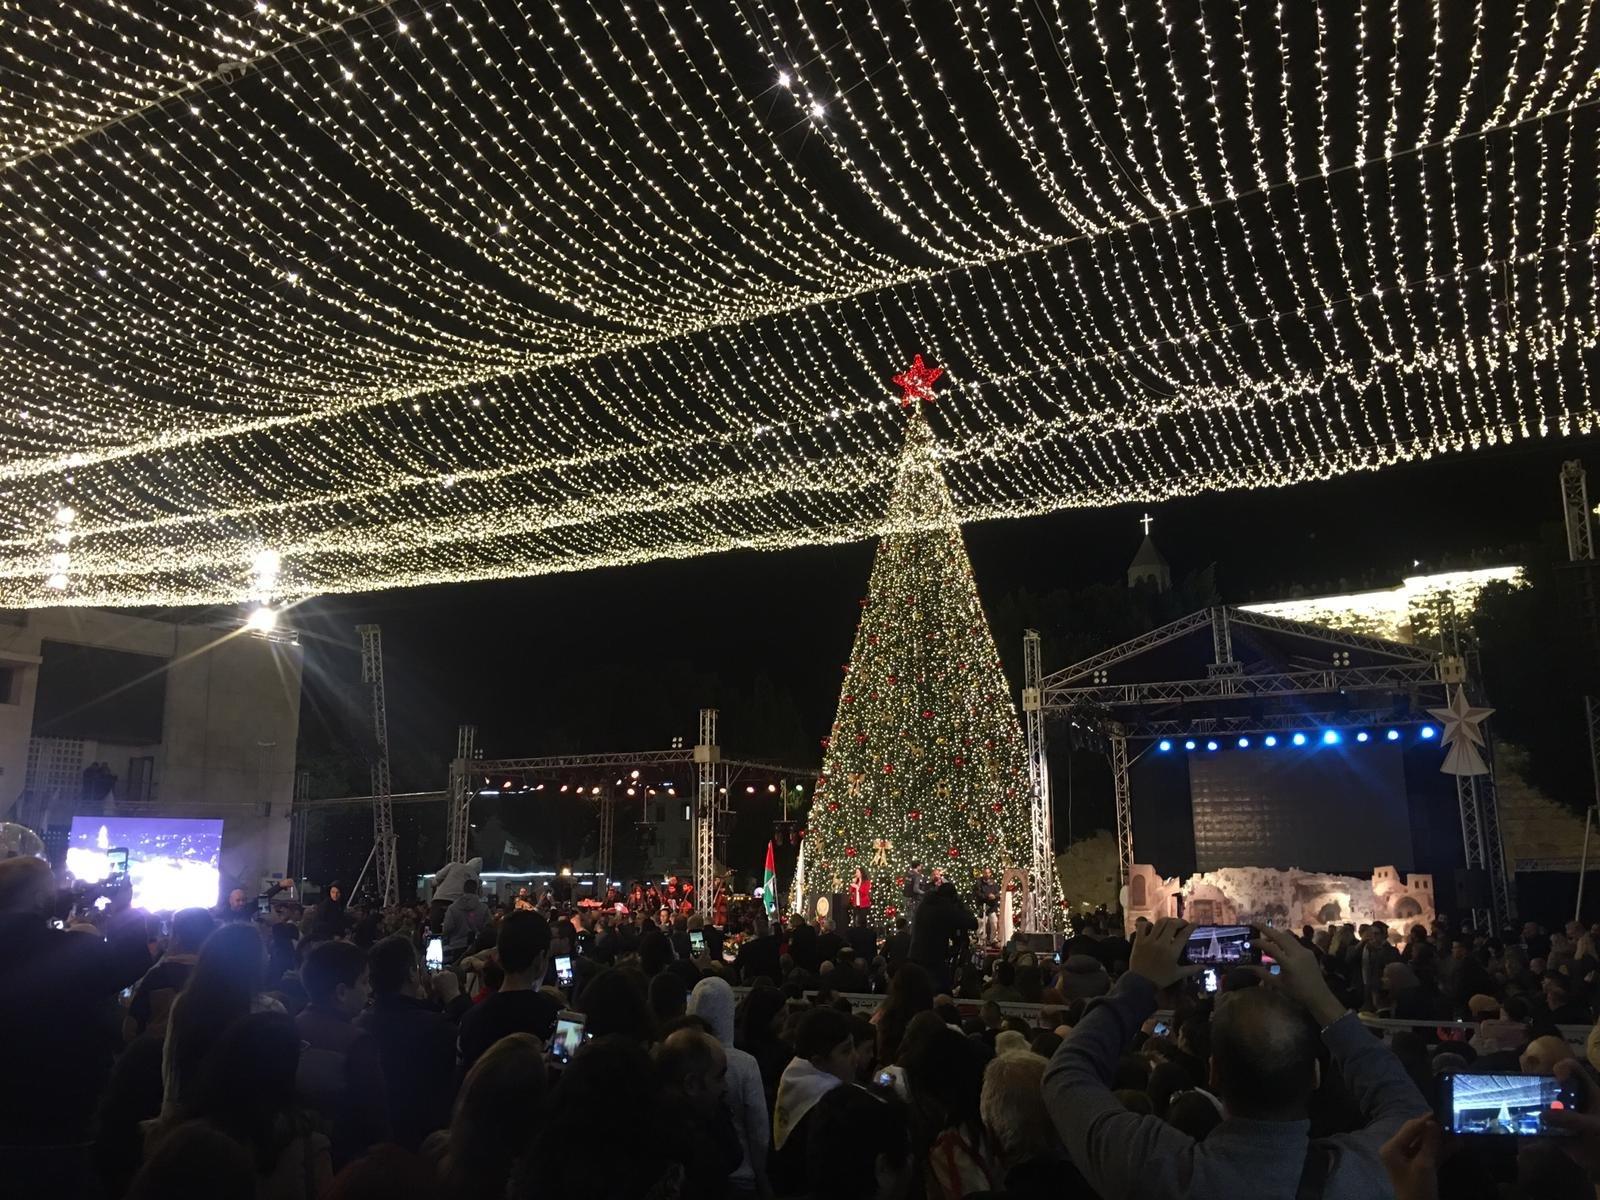 الاحتفال بإضاءة شجرة الميلاد في بيت لحم-5